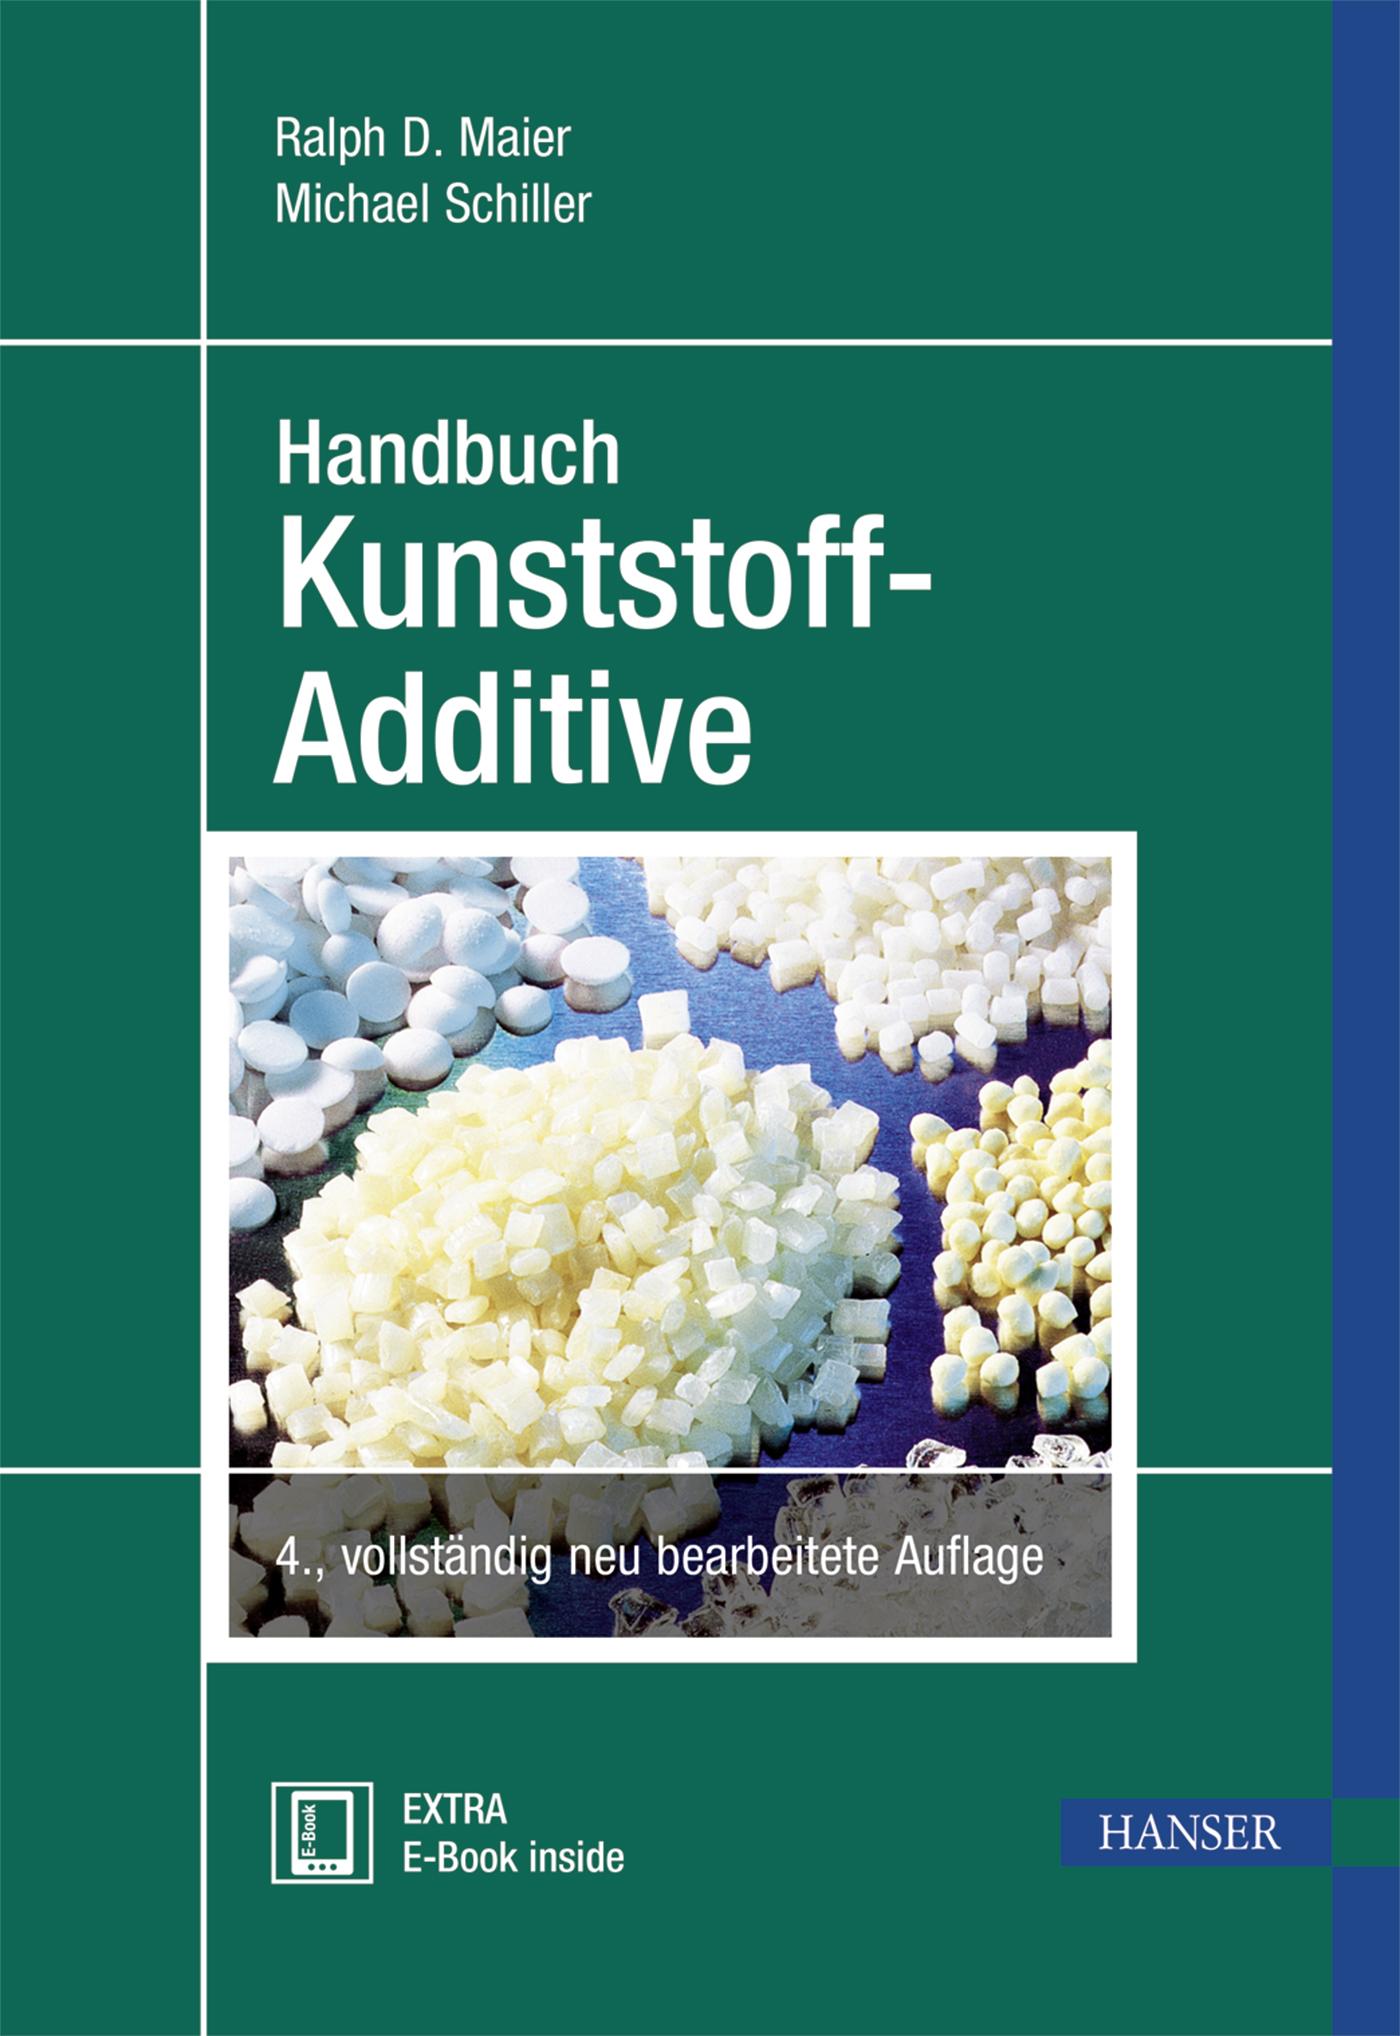 Handbuch Kunststoff Additive, 978-3-446-22352-3